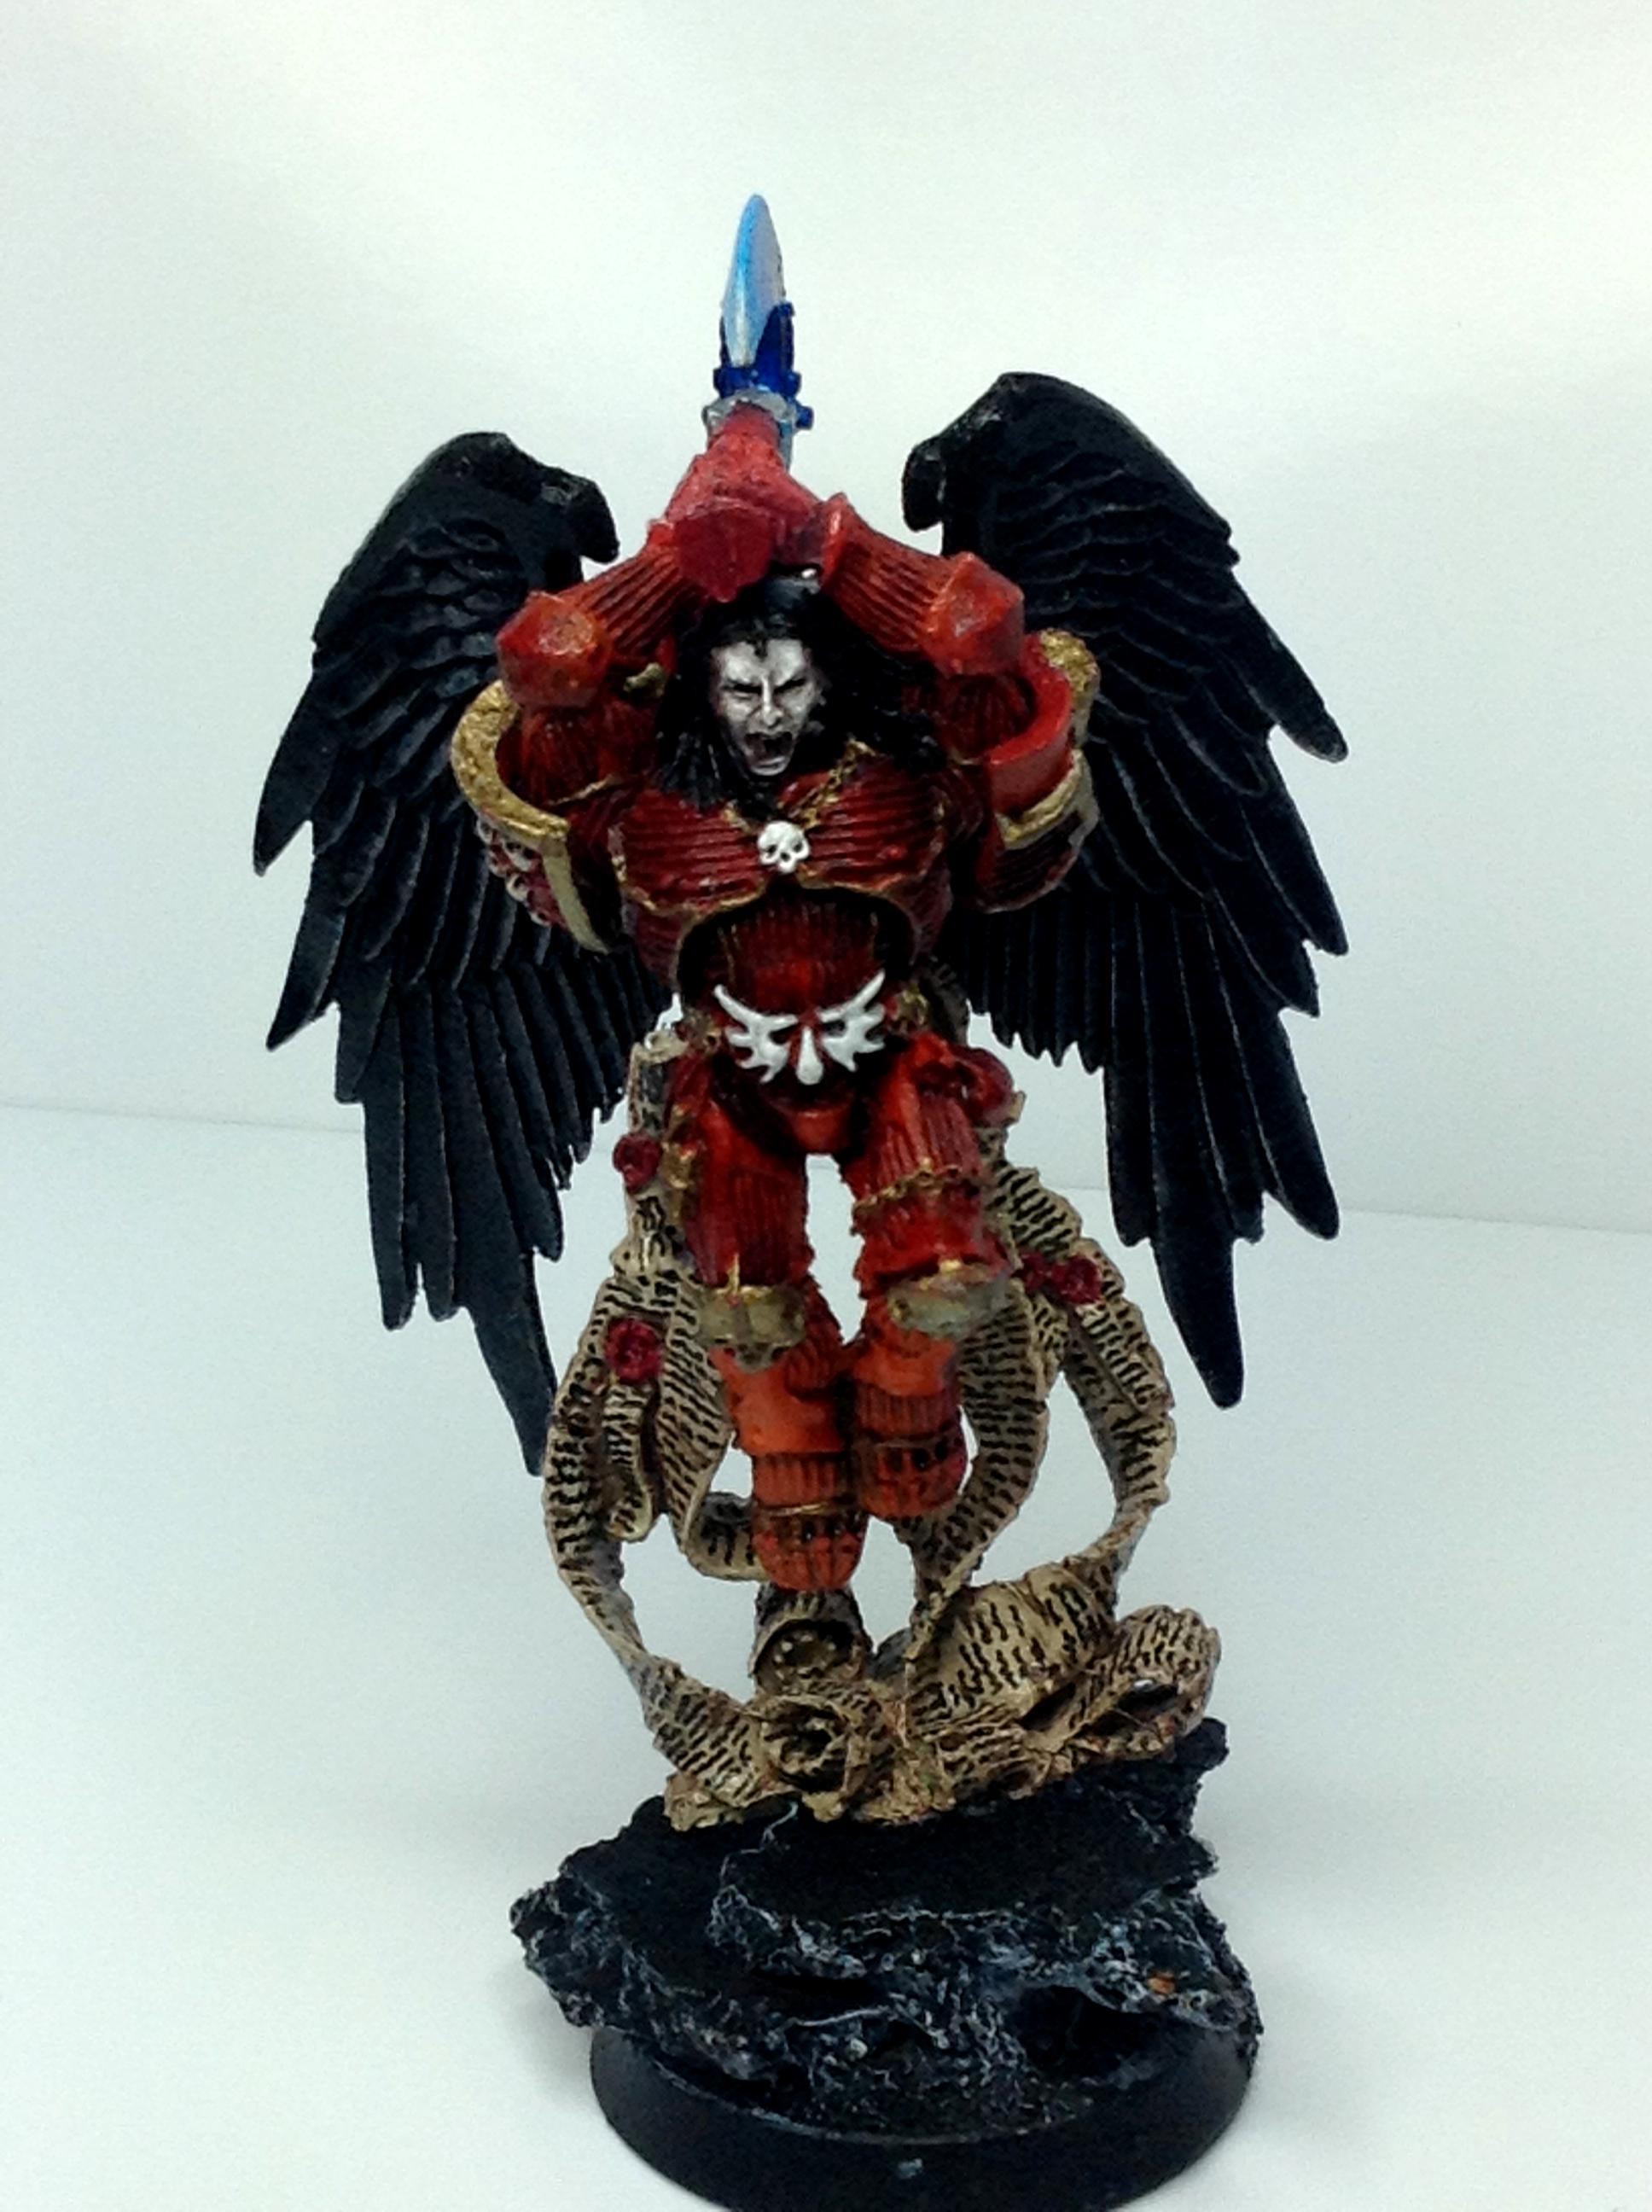 Astorath, Blood Angels, Blood Angels 40k, Warhammer 40,000